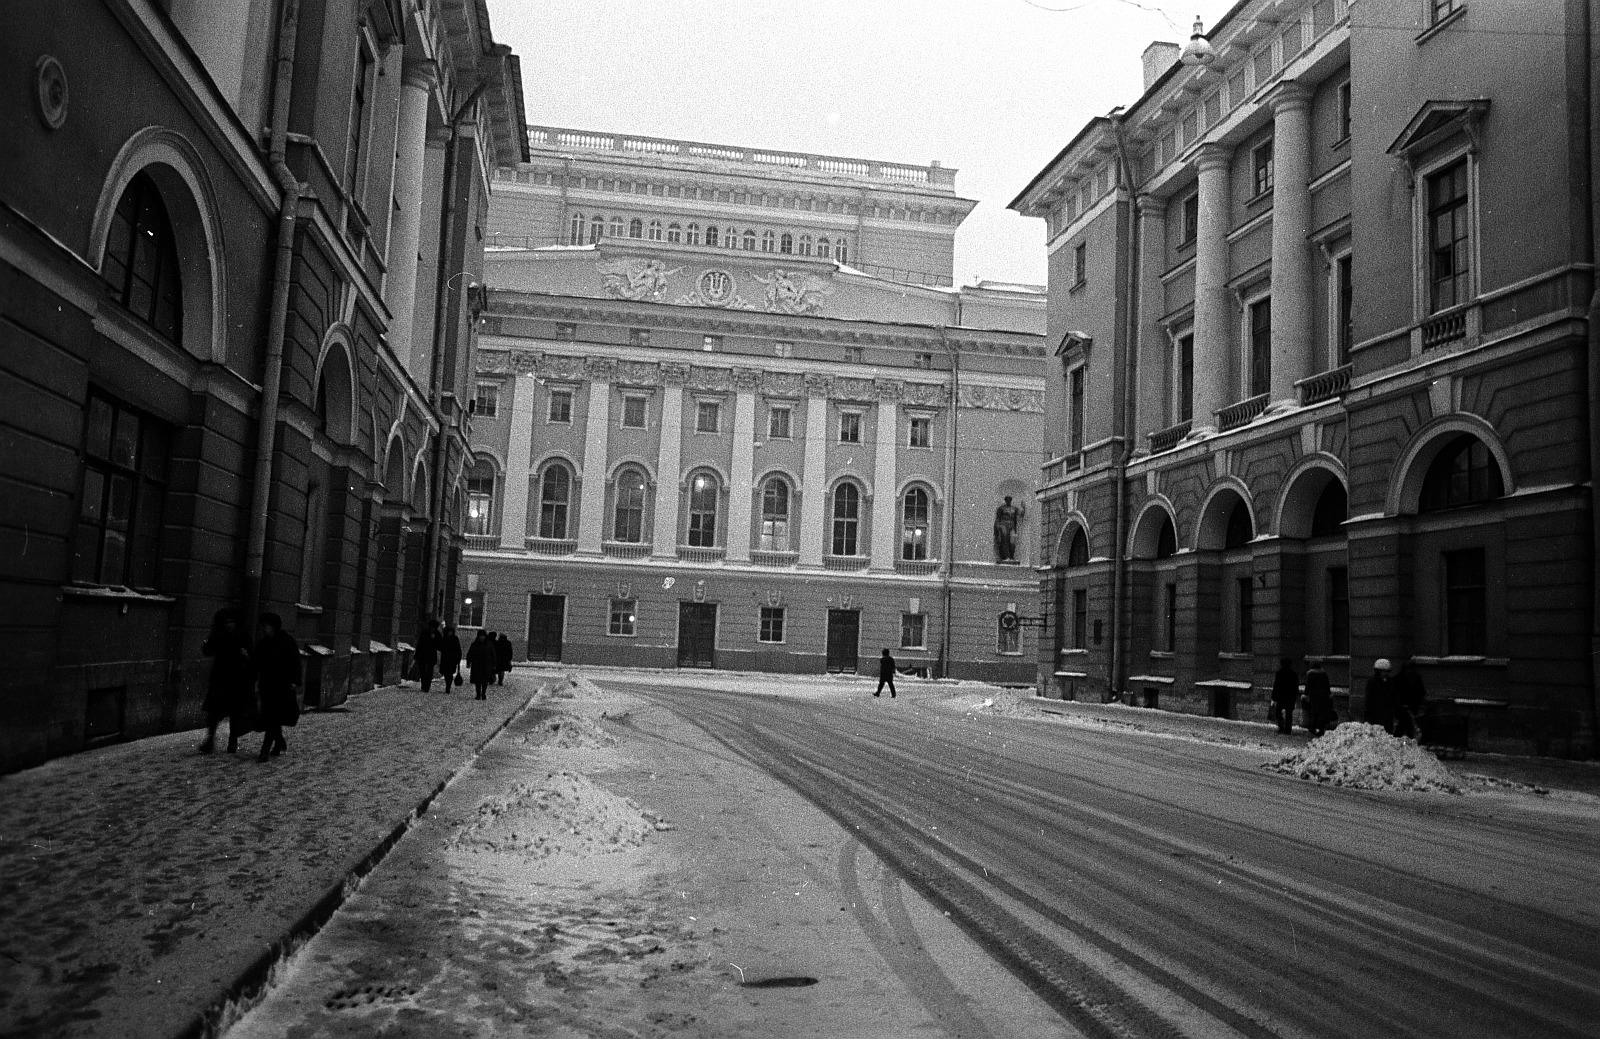 Александринский театр. Вид с обратной стороны